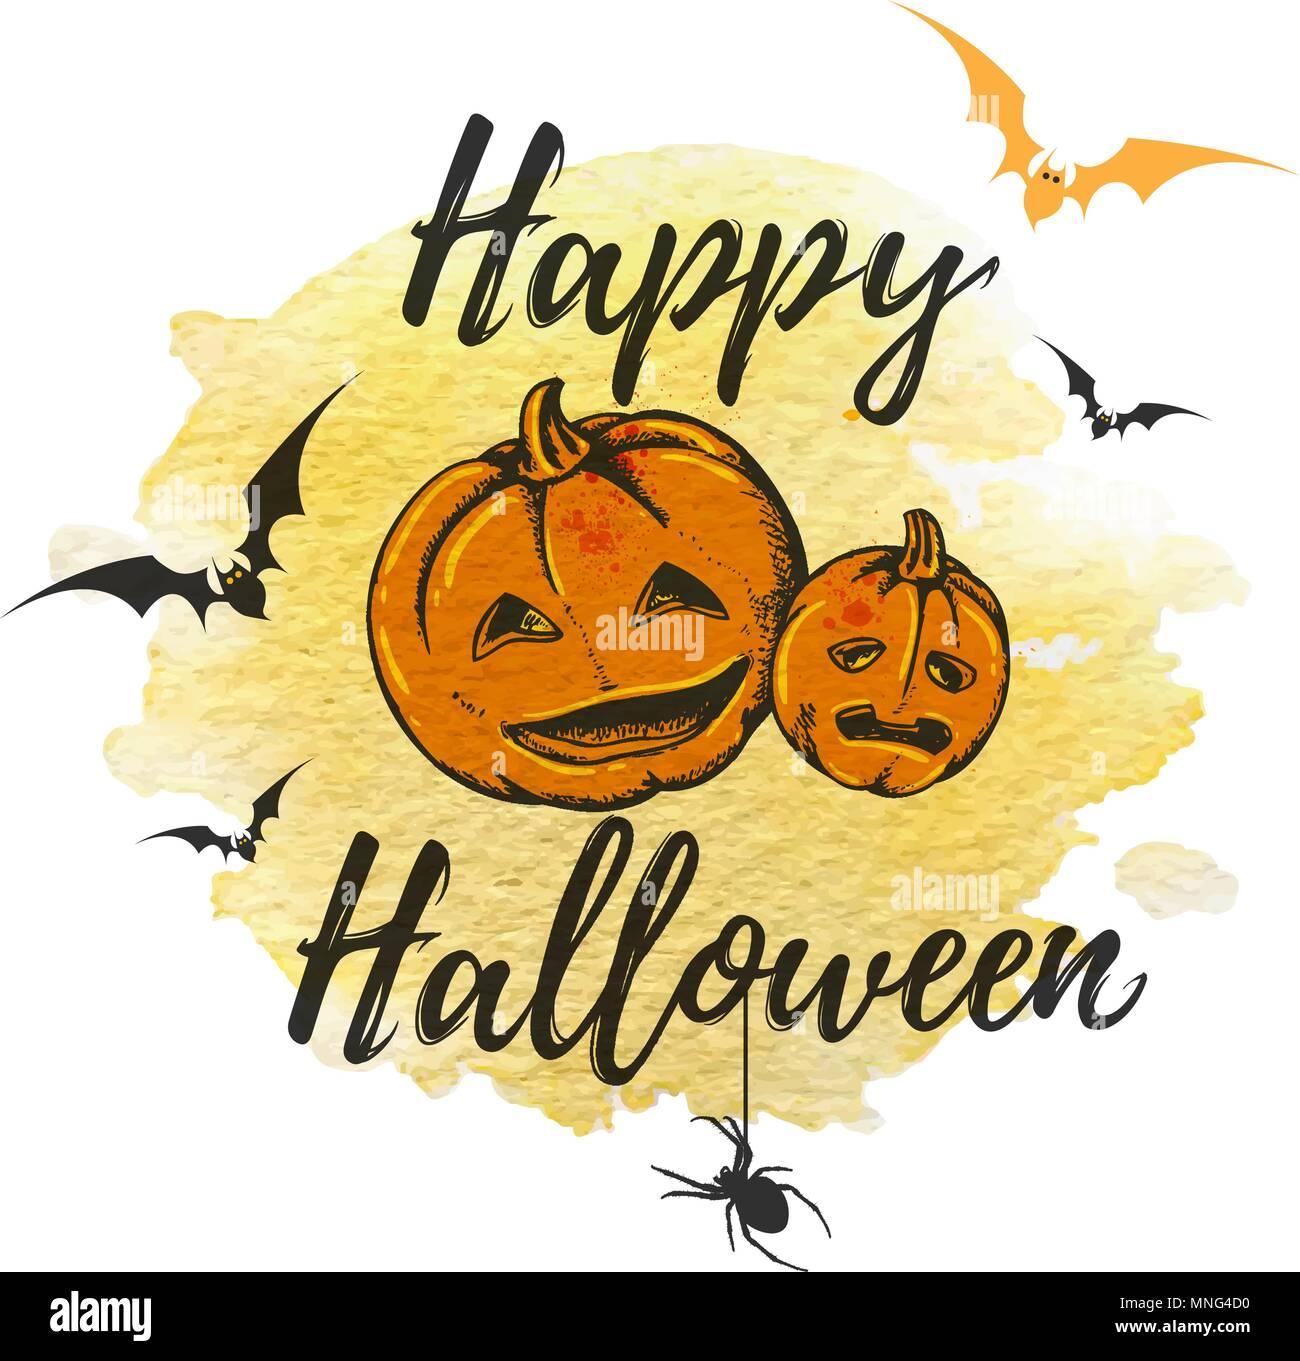 Tarjeta de felicitación de Halloween con calabazas de color naranja y amarillo de textura de acuarela. Ilustración vectorial. Ilustración del Vector